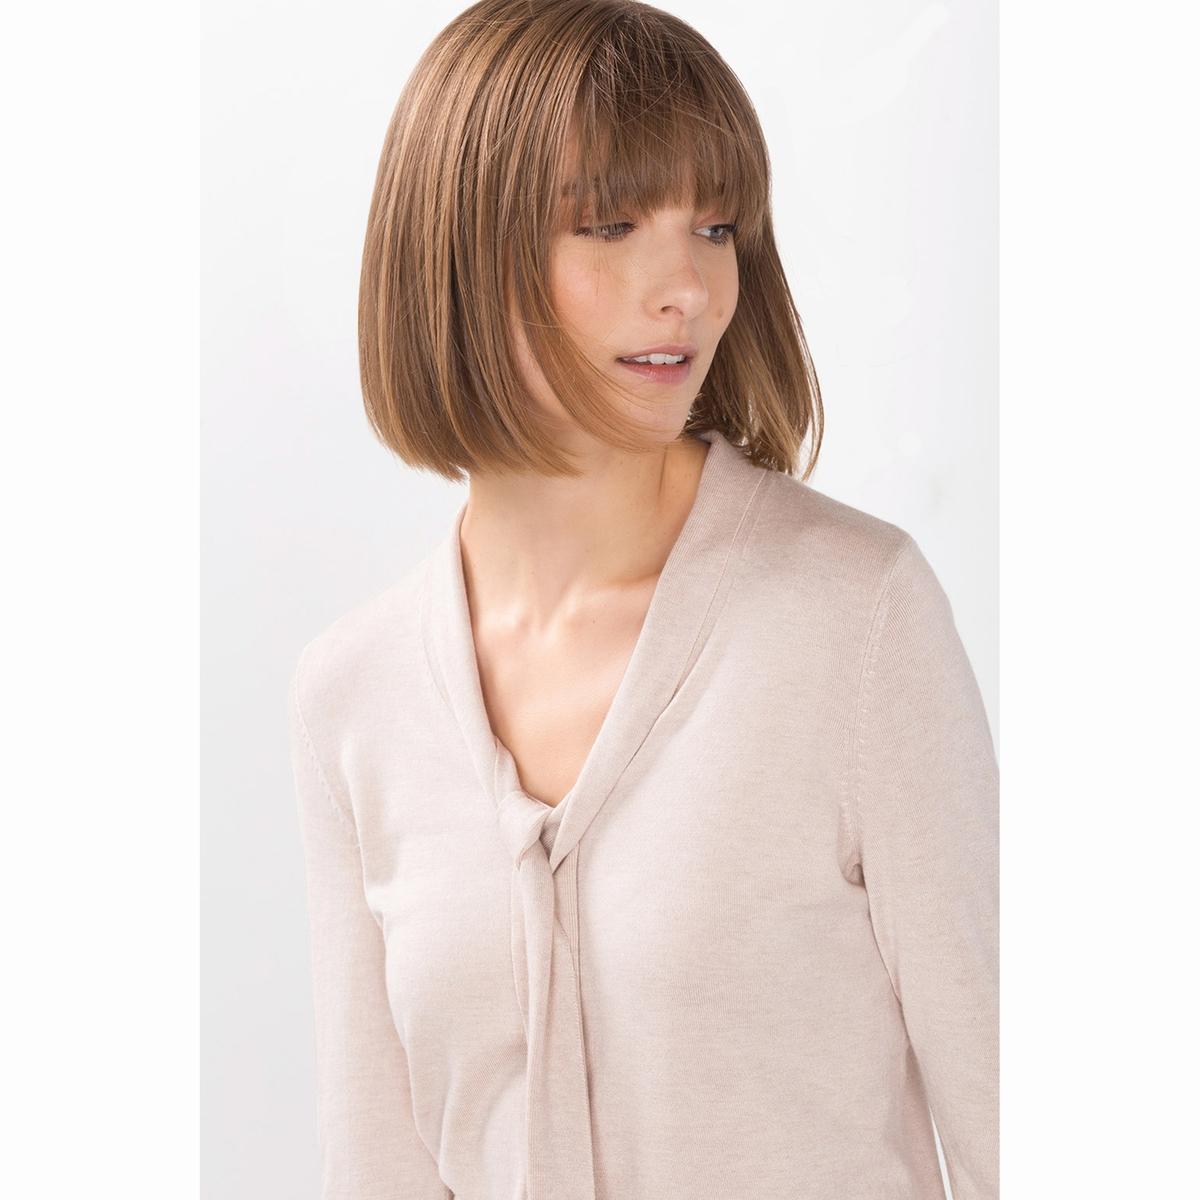 Пуловер с воротником-галстуком.Пуловер с воротником-галстуком . Тонкий струящийся пуловер. Длинные рукава. Изысканный и женственный воротник-галстук.Состав и описаниеМатериалы: 85% вискозы, 15% полиамидаМарка: EspritУходСледуйте рекомендациям по уходу, указанным на этикетке изделия<br><br>Цвет: песочный